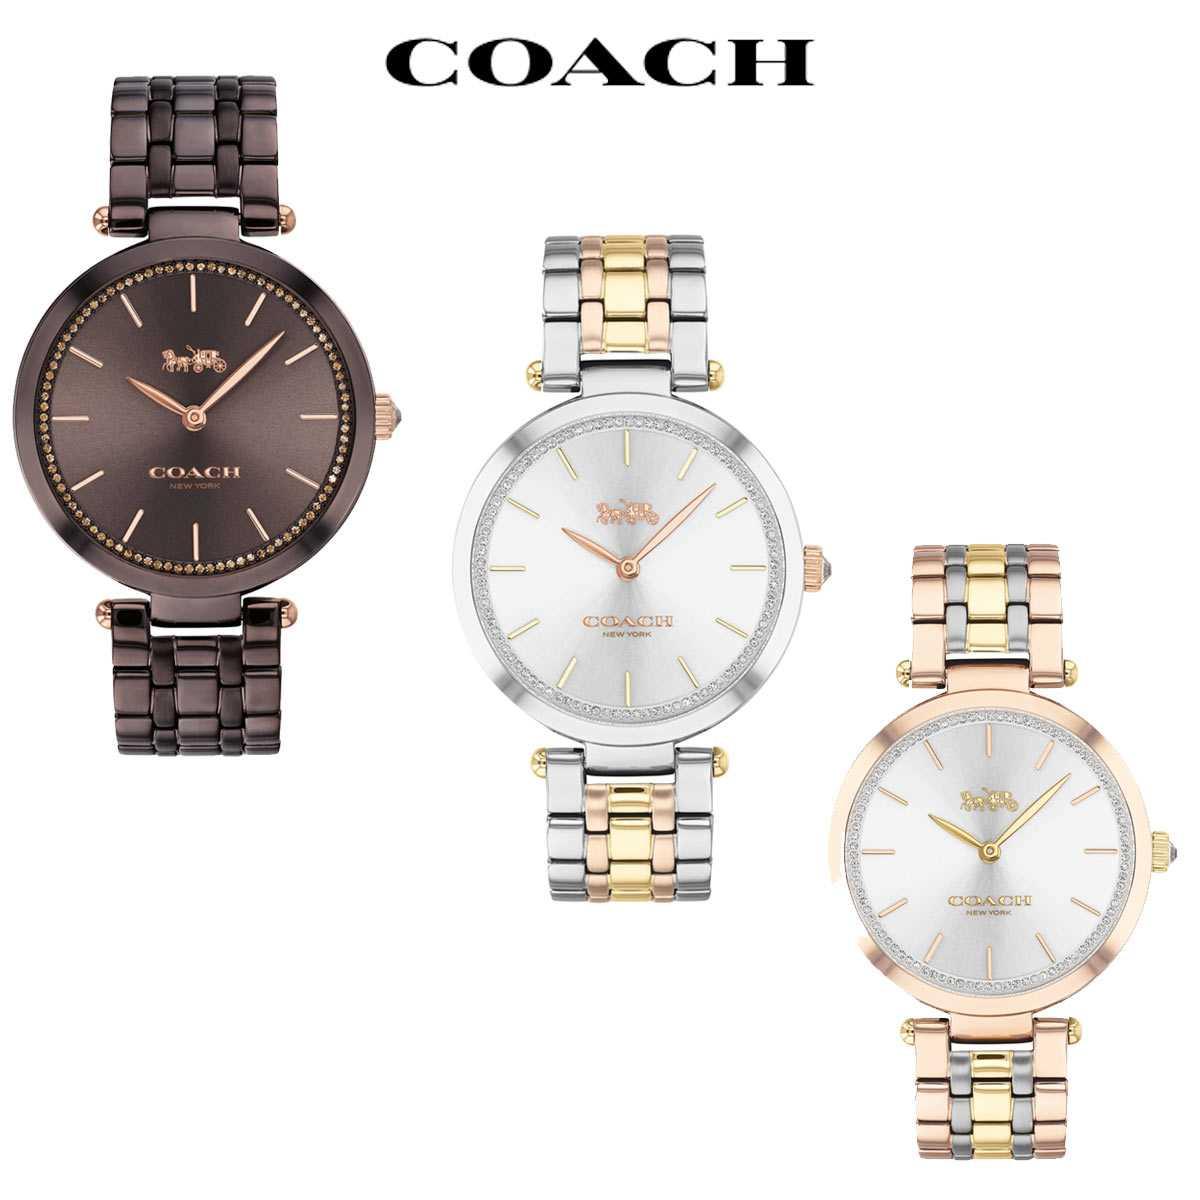 コーチ 腕時計 レディース ブランド 大人気! 時計 売り込み かわいい パーク おしゃれ Park 後払い 女性 COACH